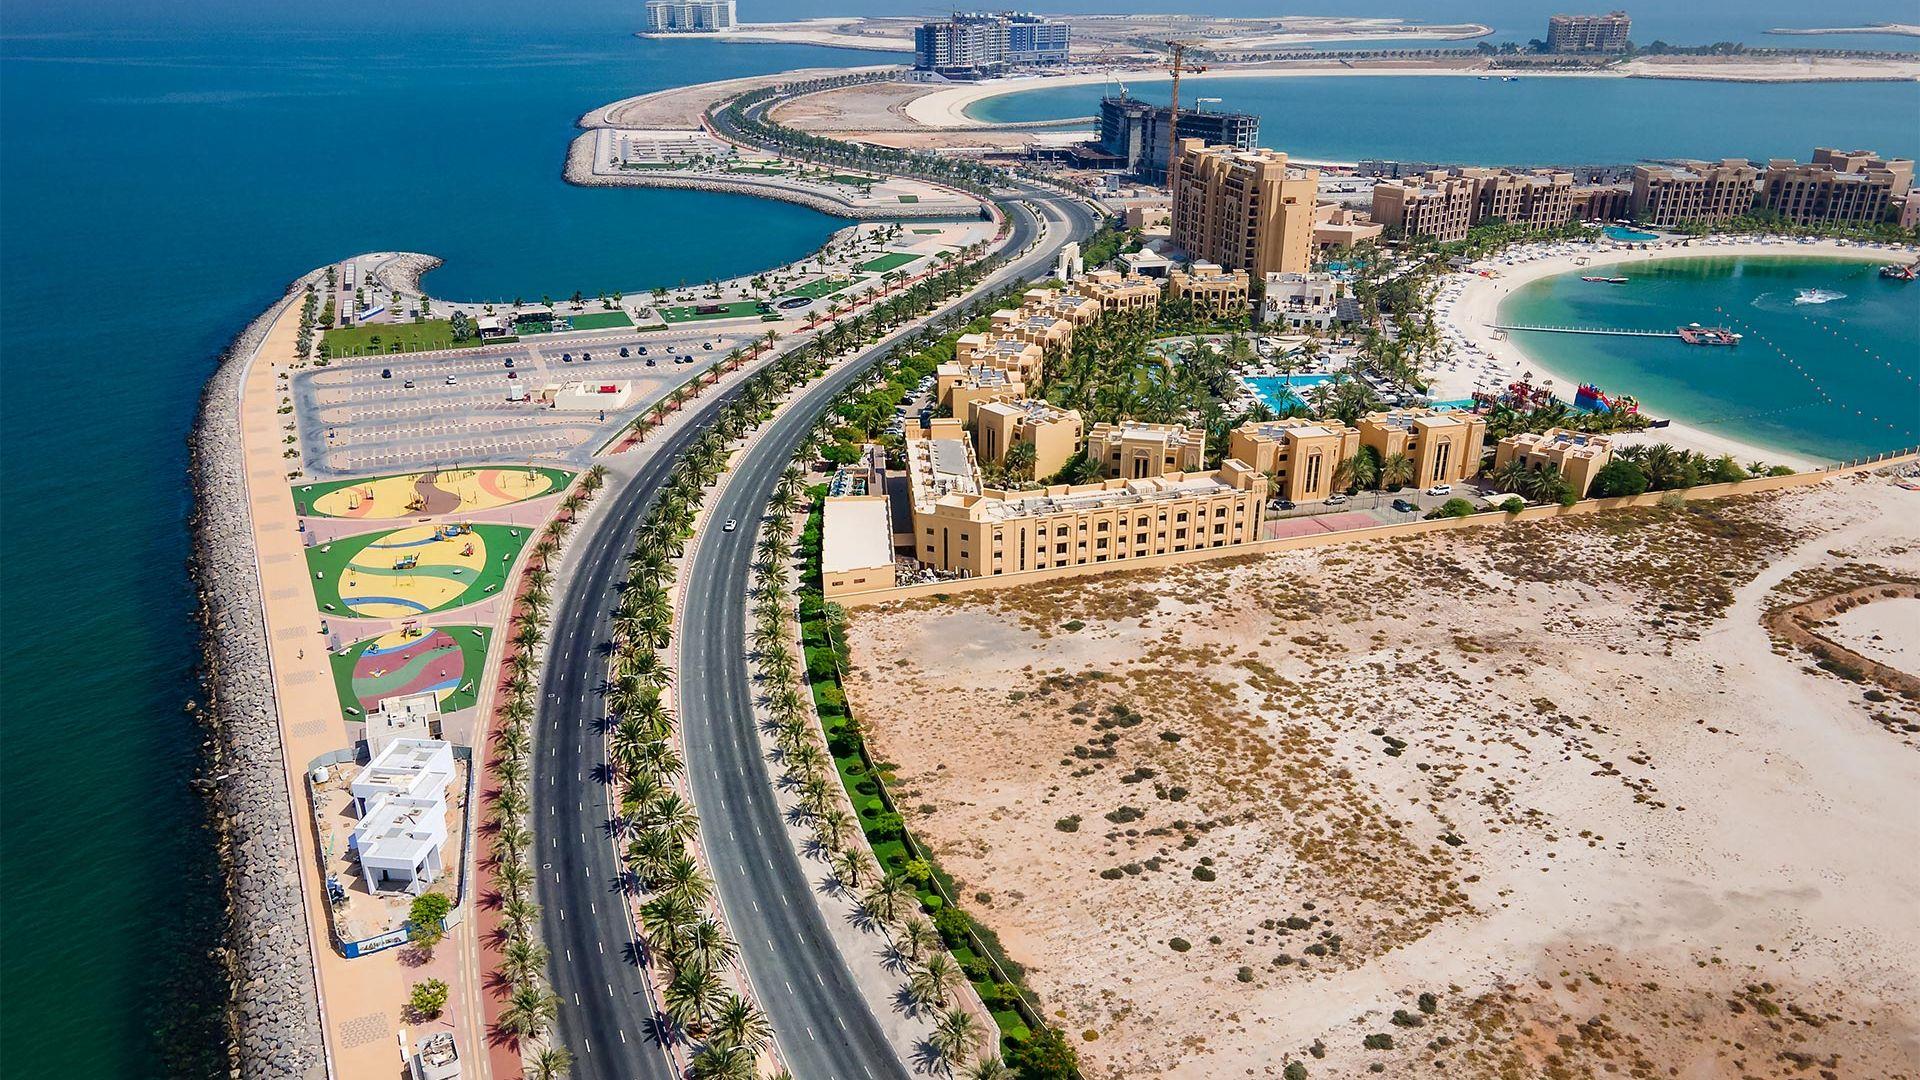 Sejur charter Ras Al Khaimah, EAU, 8 zile - decembrie 2021